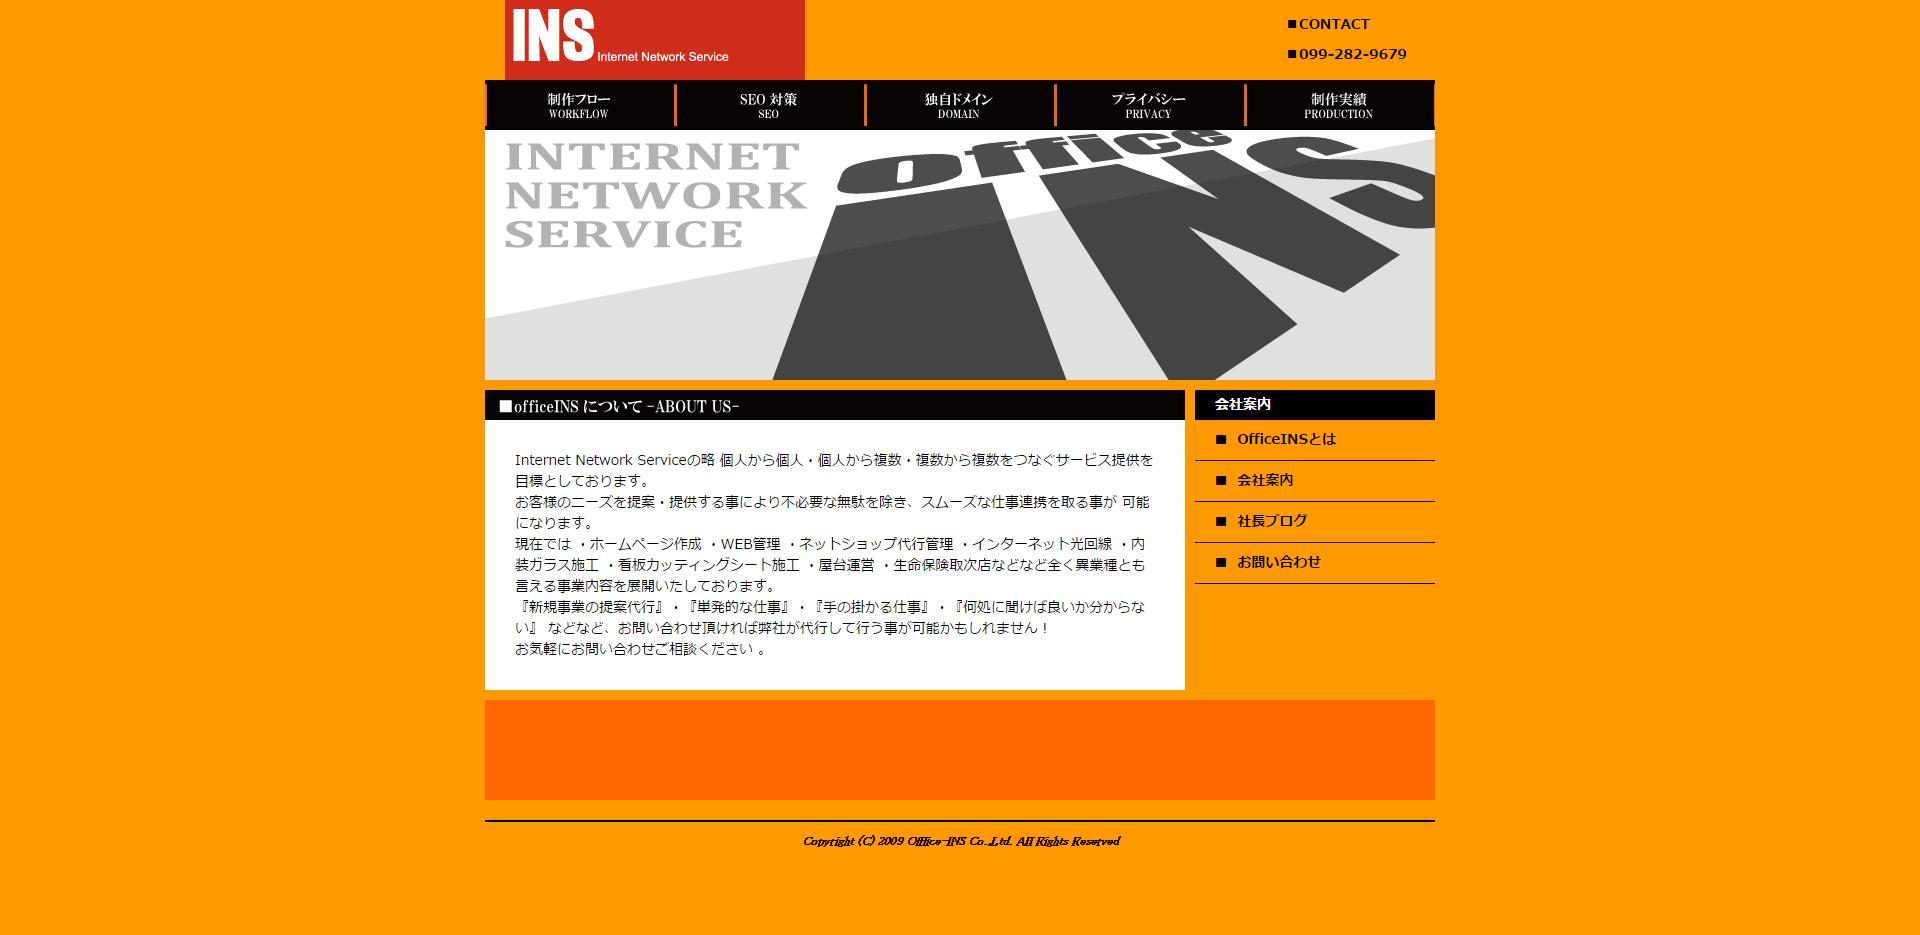 鹿児島県内のカッコいいトップページを持つデザイン会社一覧